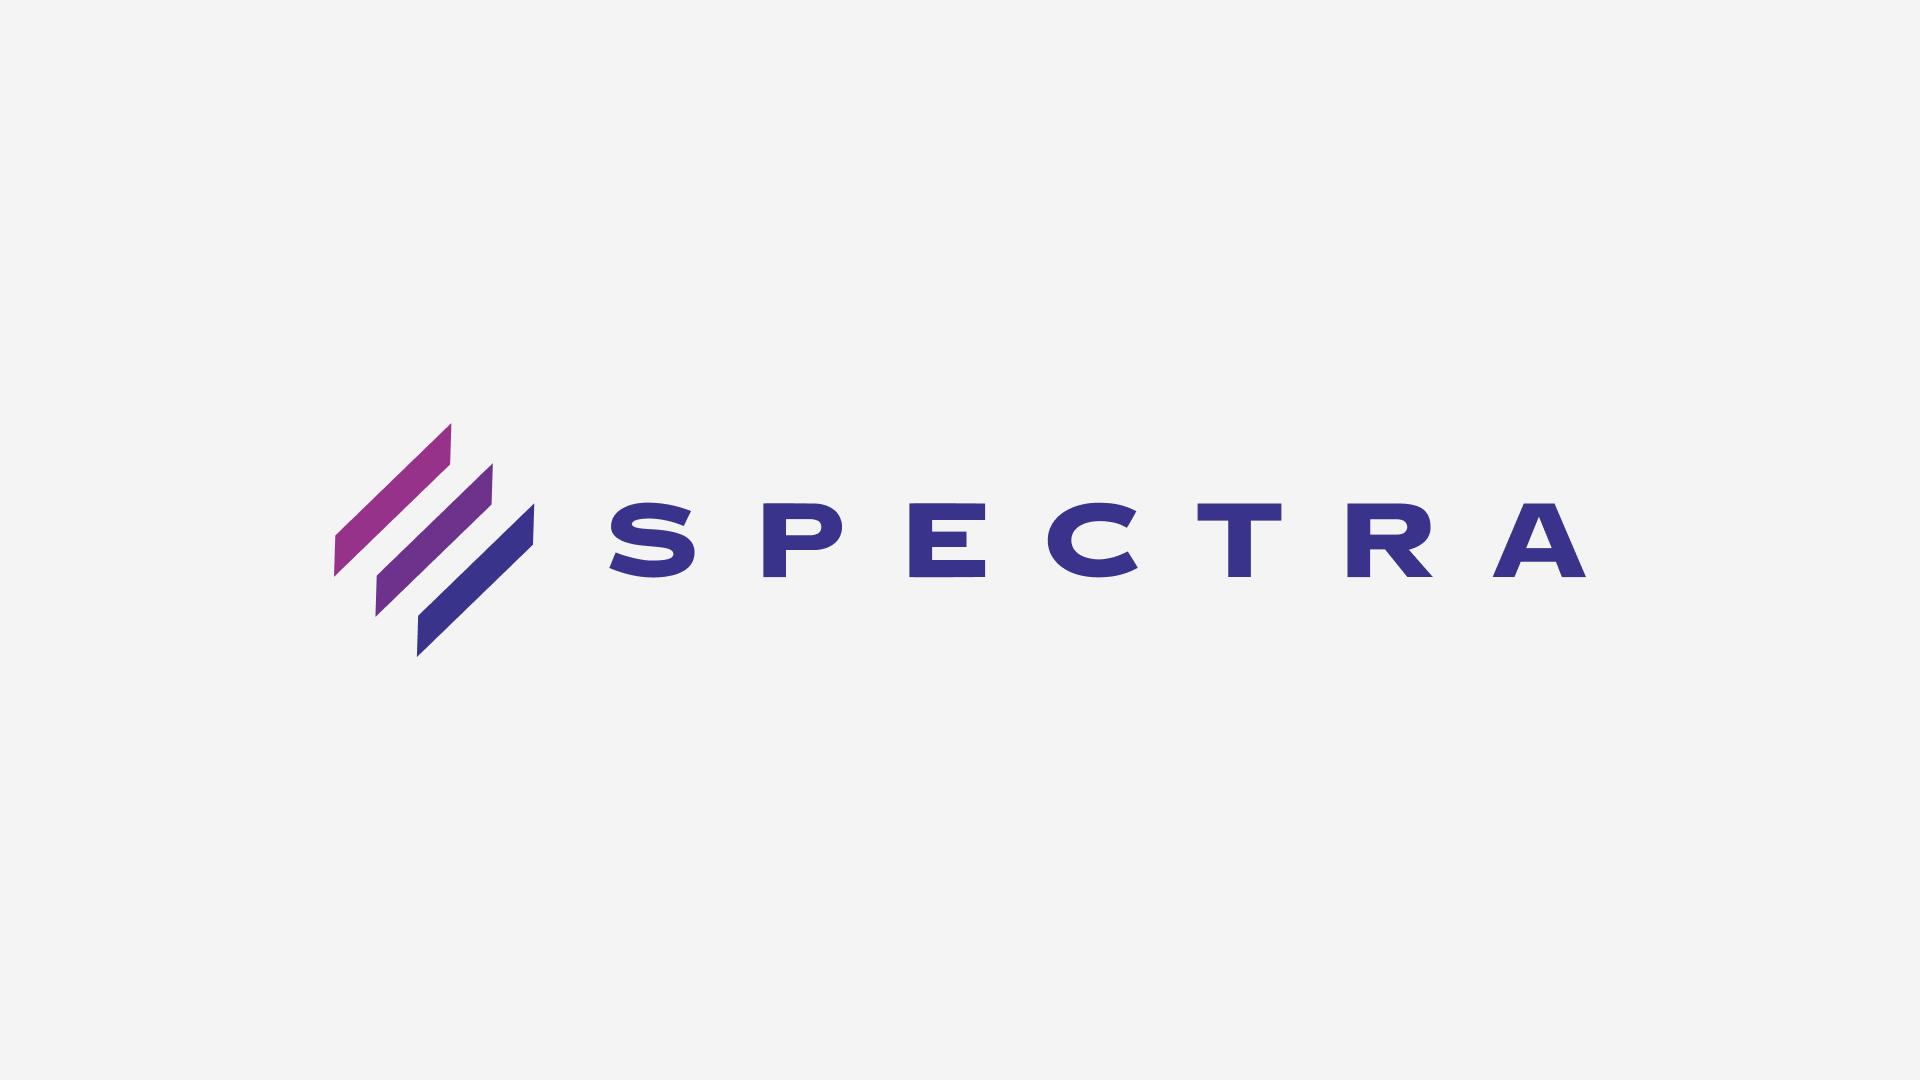 Spectra-logo-white-03